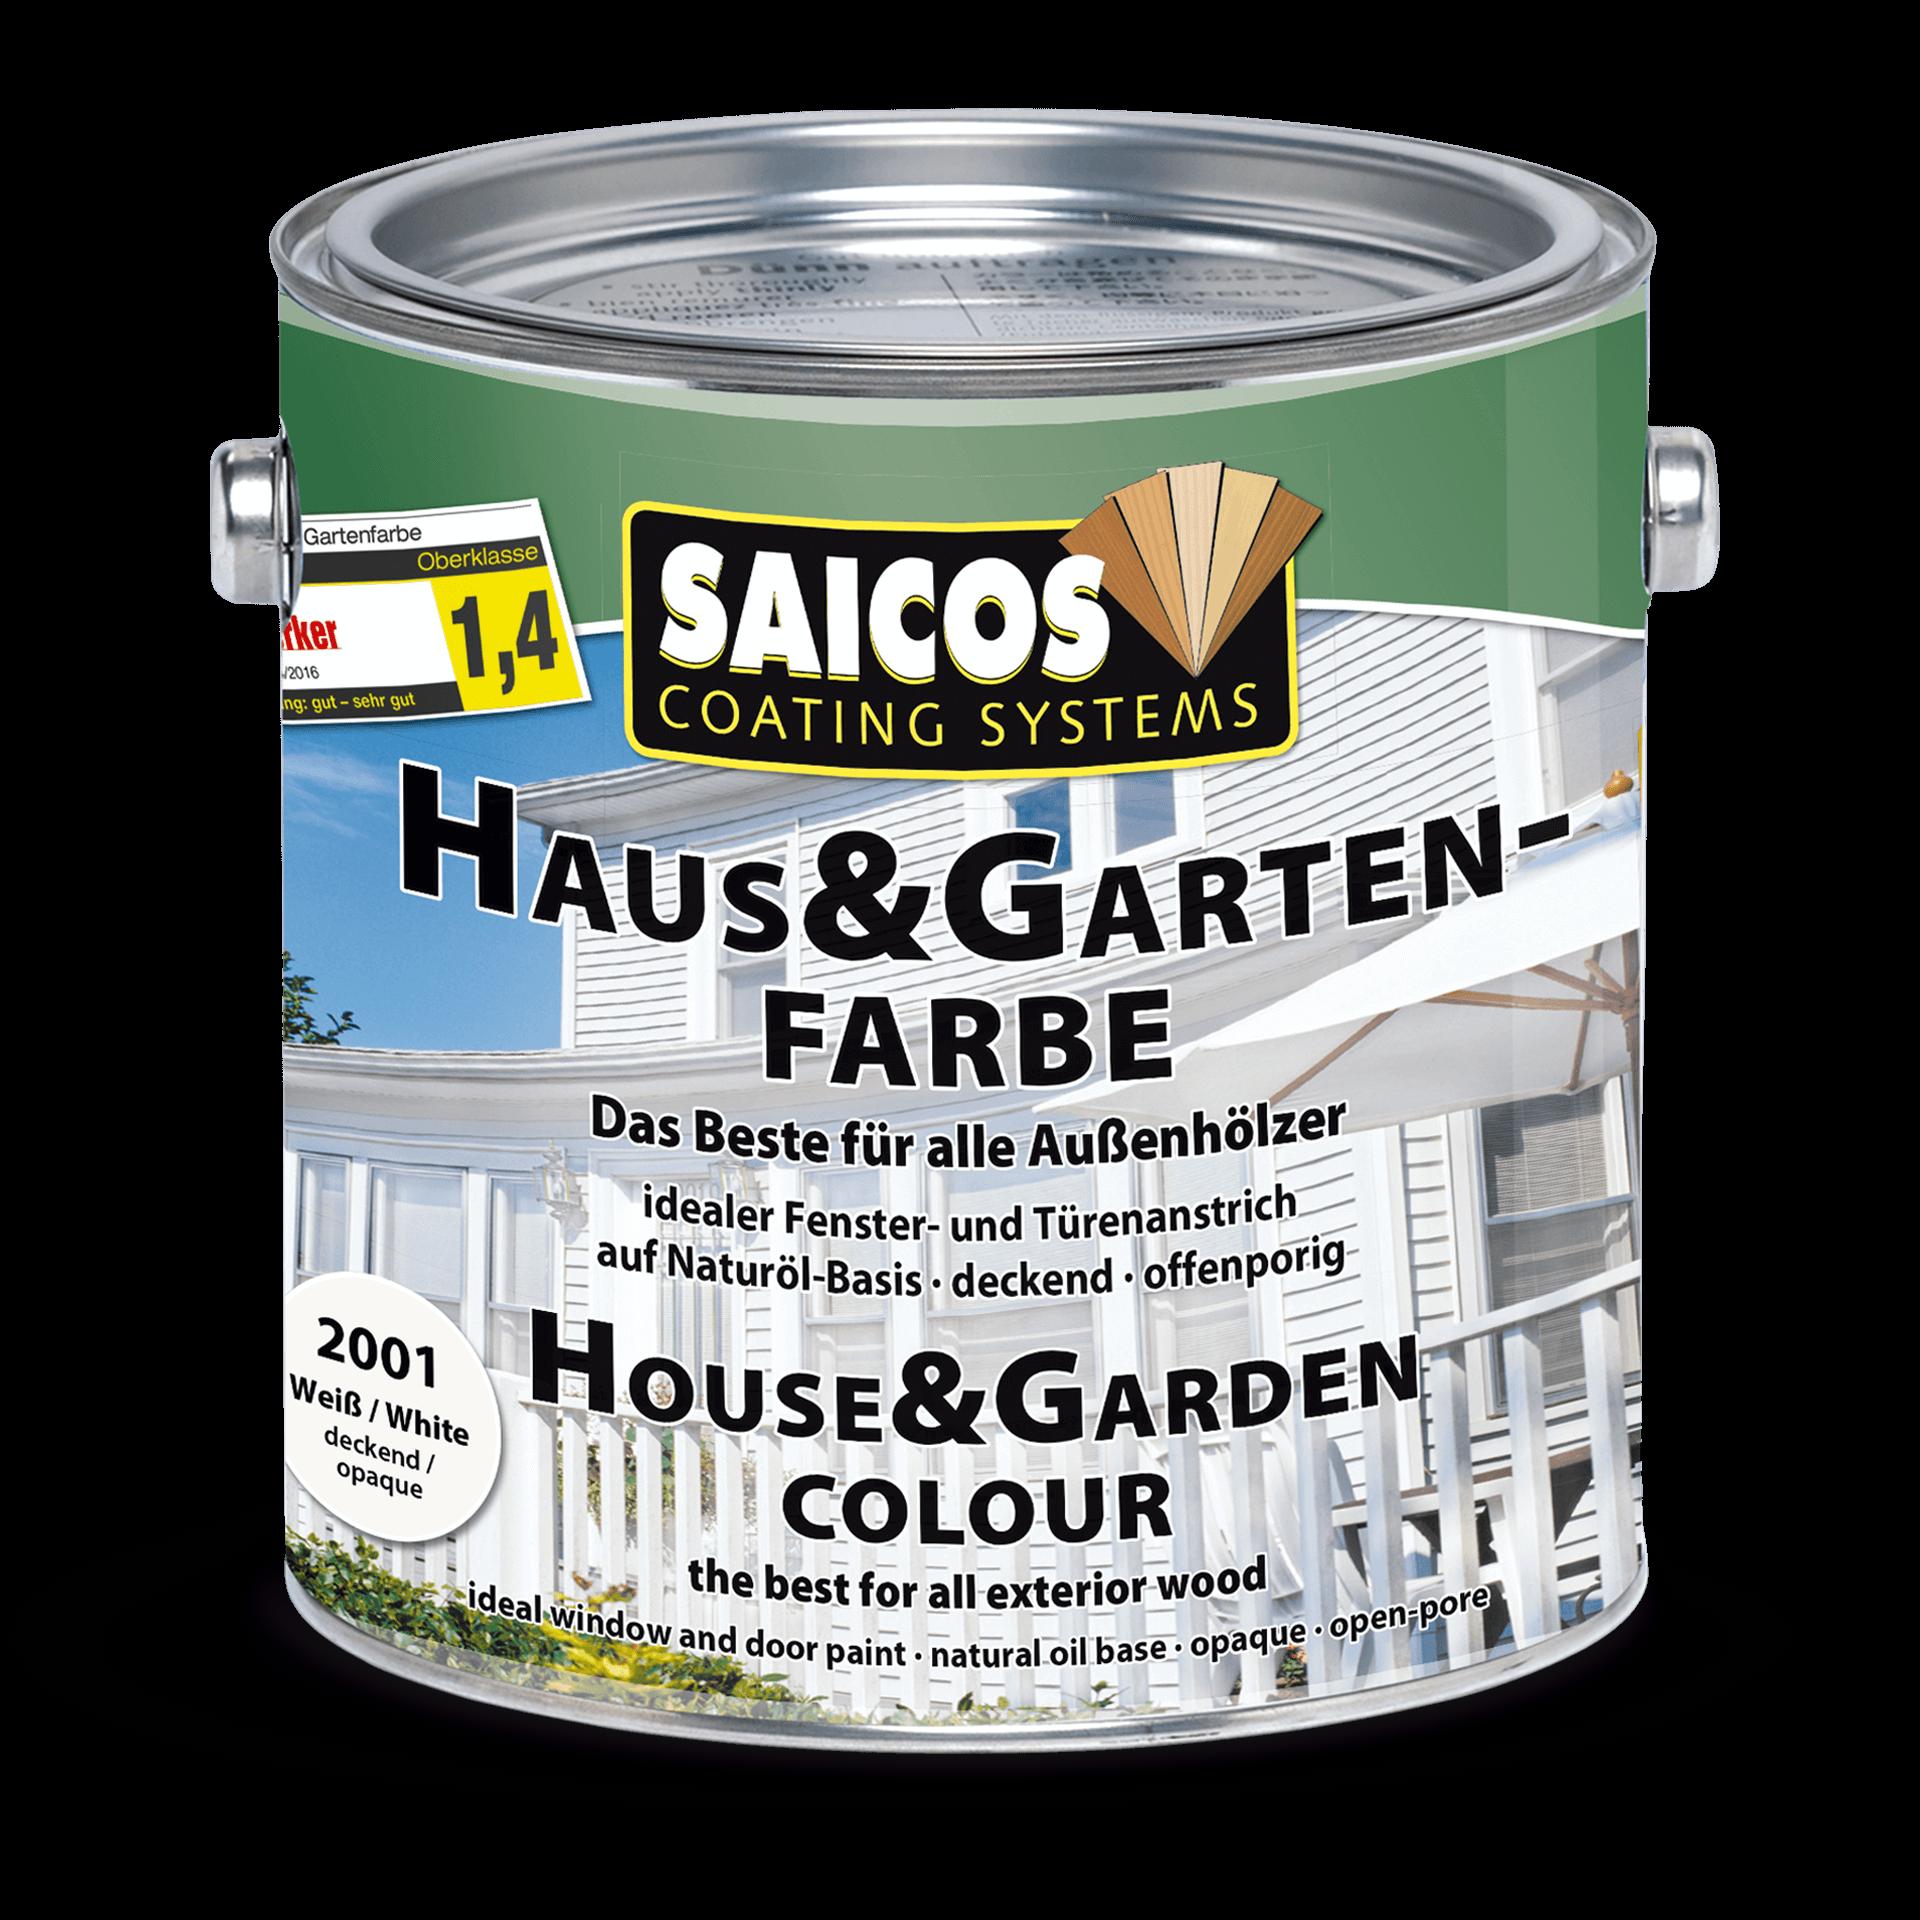 Saicos Haus & Gartenfarbe englisch House & Garden Colour